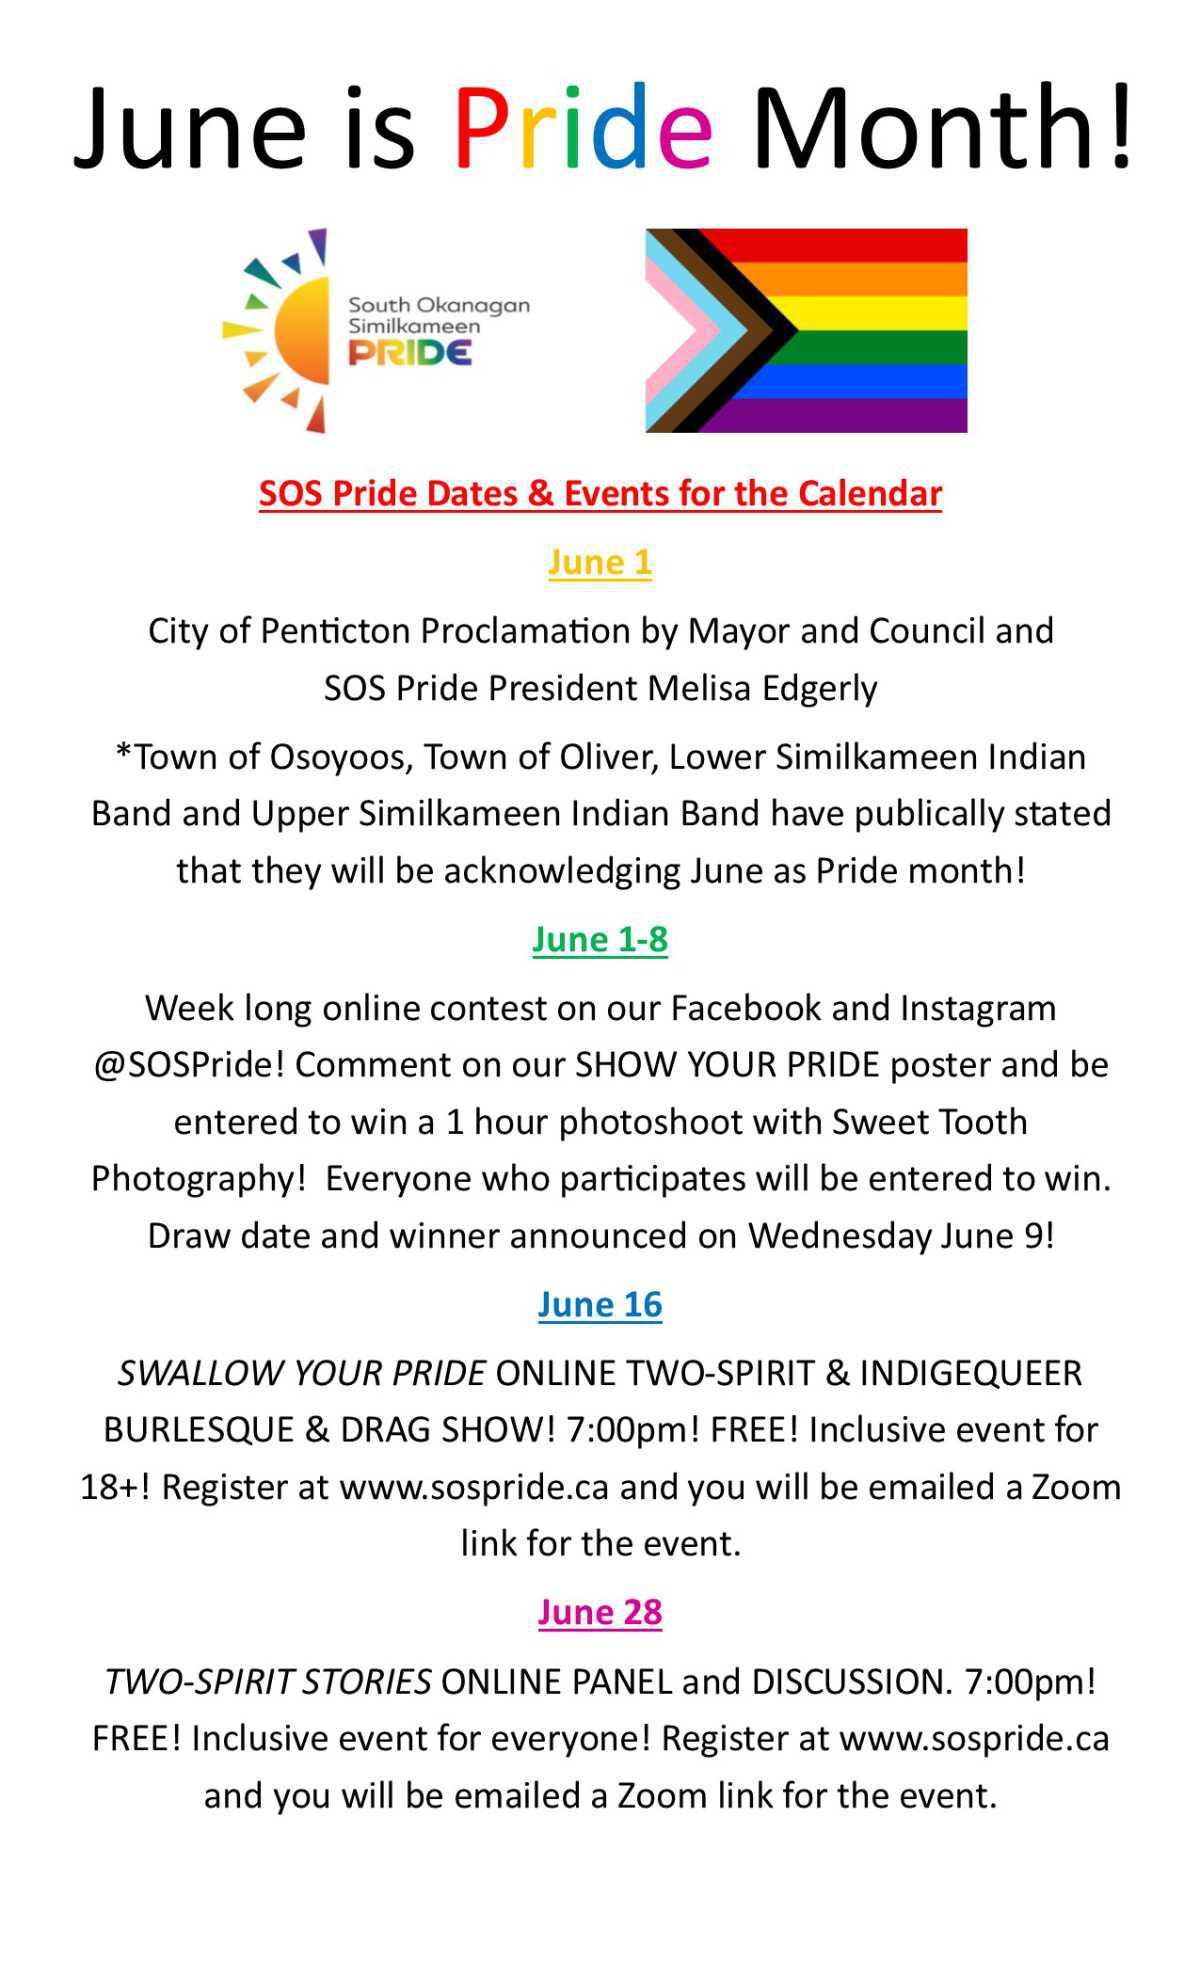 SOS Pride Newsletter - June is Pride Month!